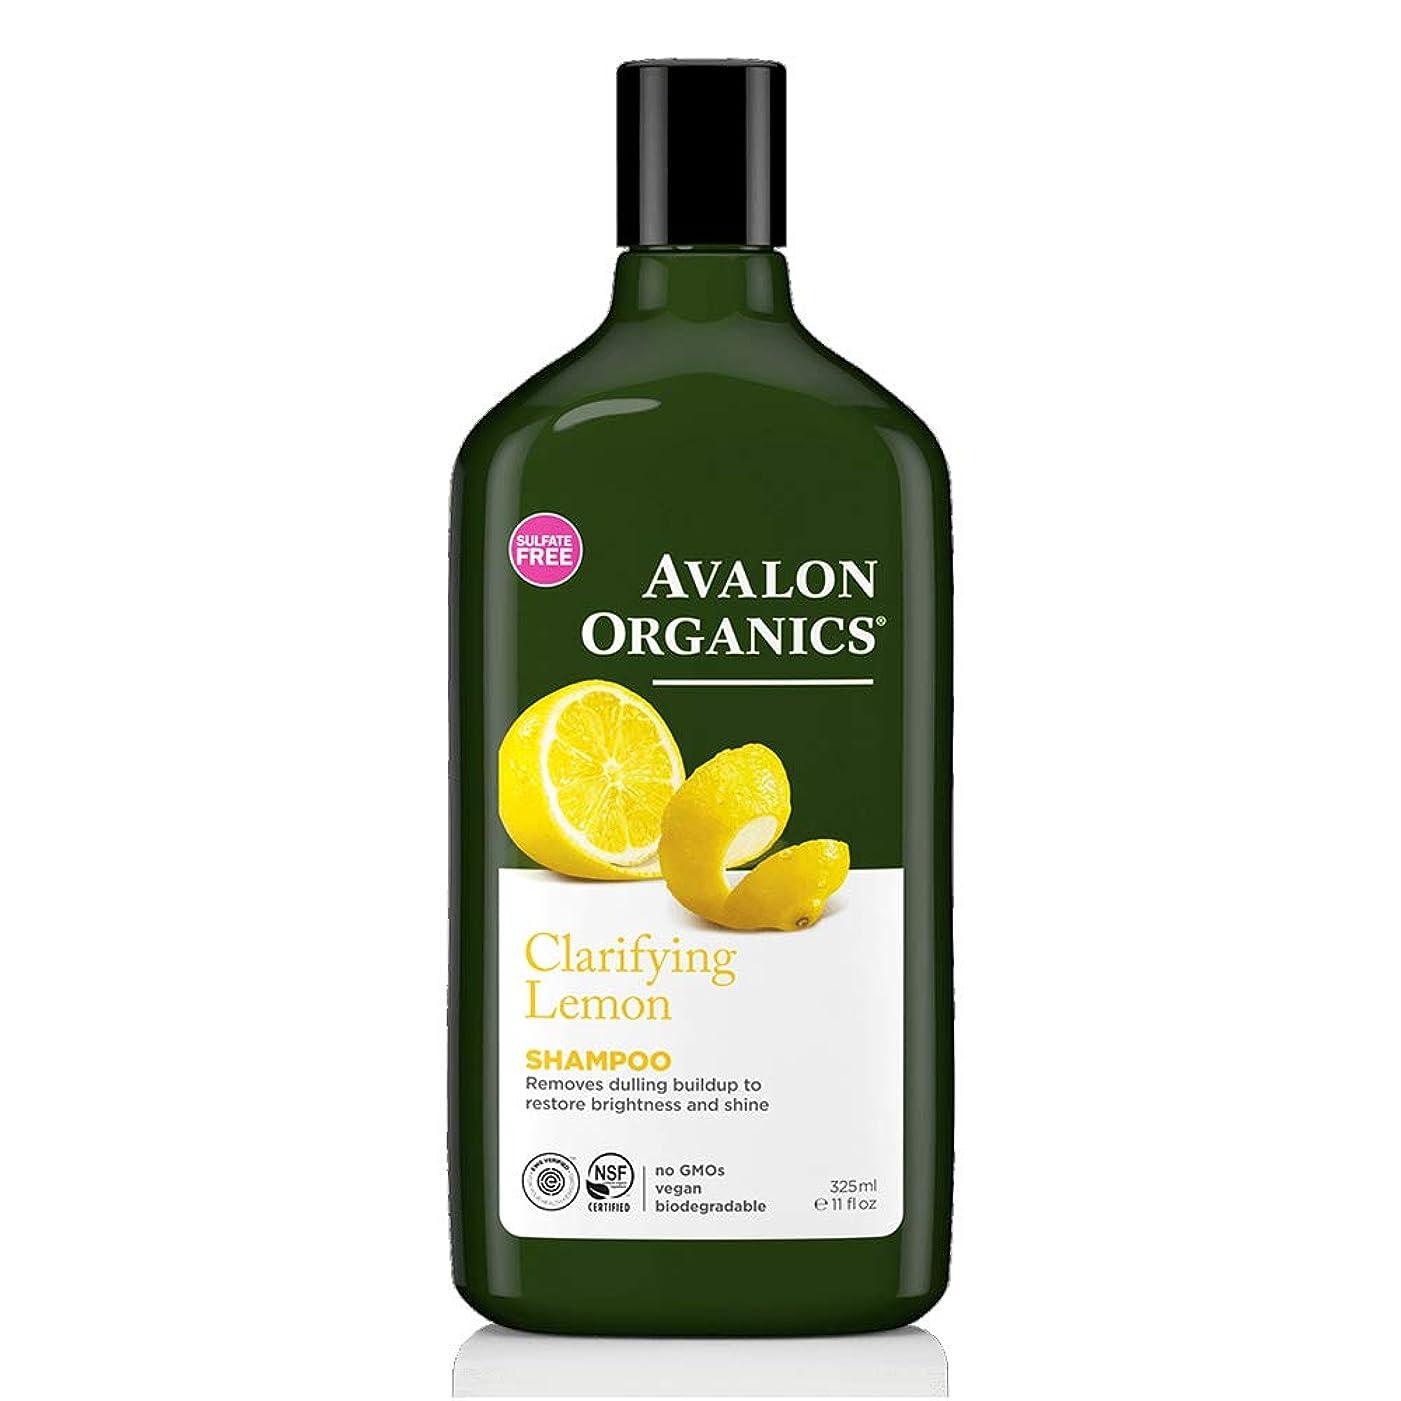 に勝る救い逸脱AVALON ORGANICS アバロンオーガニクス シャンプー レモン 325ml